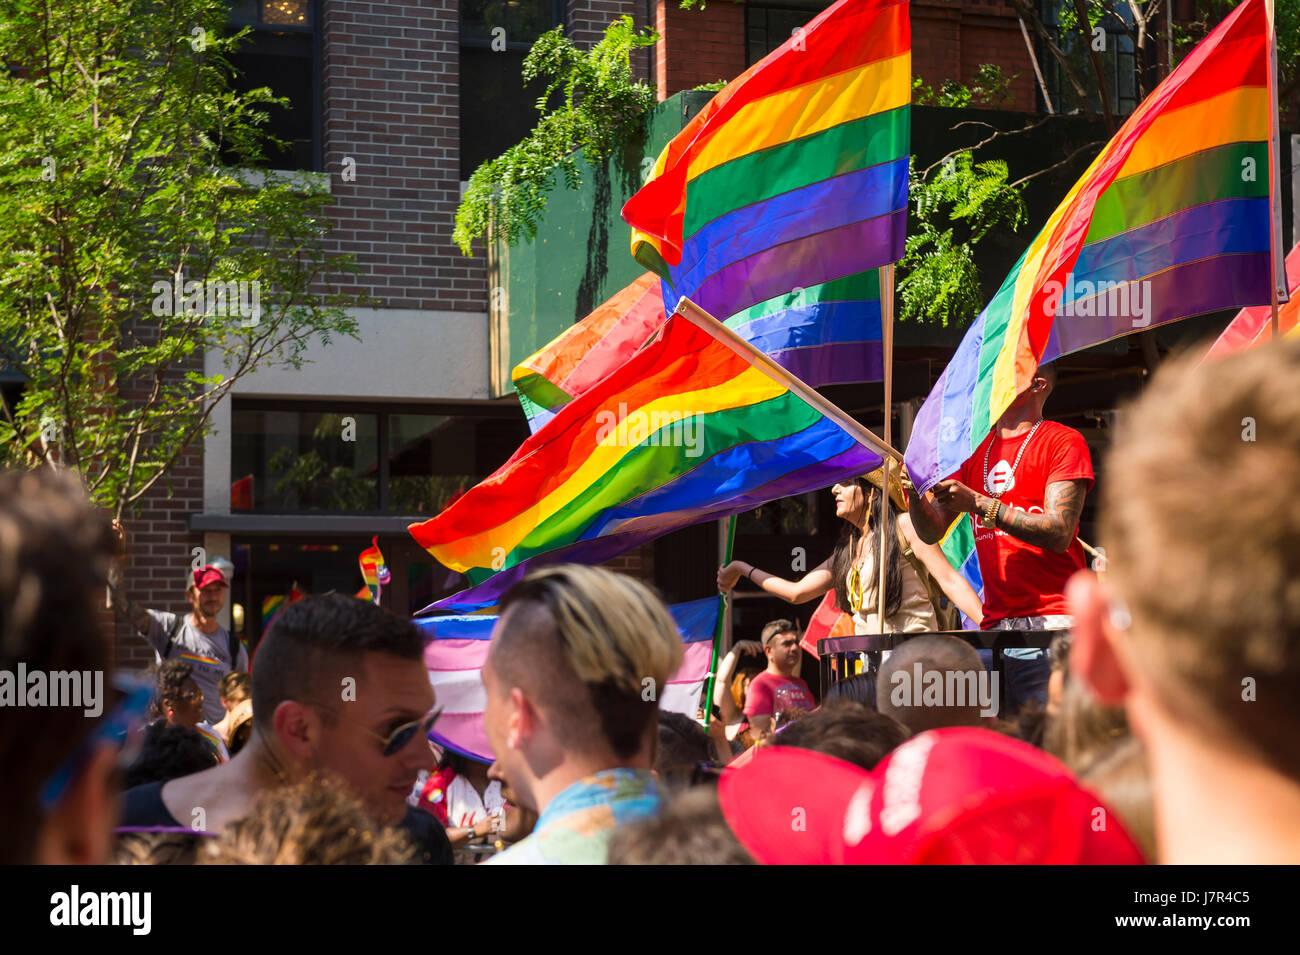 La CIUDAD DE NUEVA YORK - Junio 26, 2015: Los partidarios de onda banderas arcoiris al margen del Desfile del Orgullo Imagen De Stock